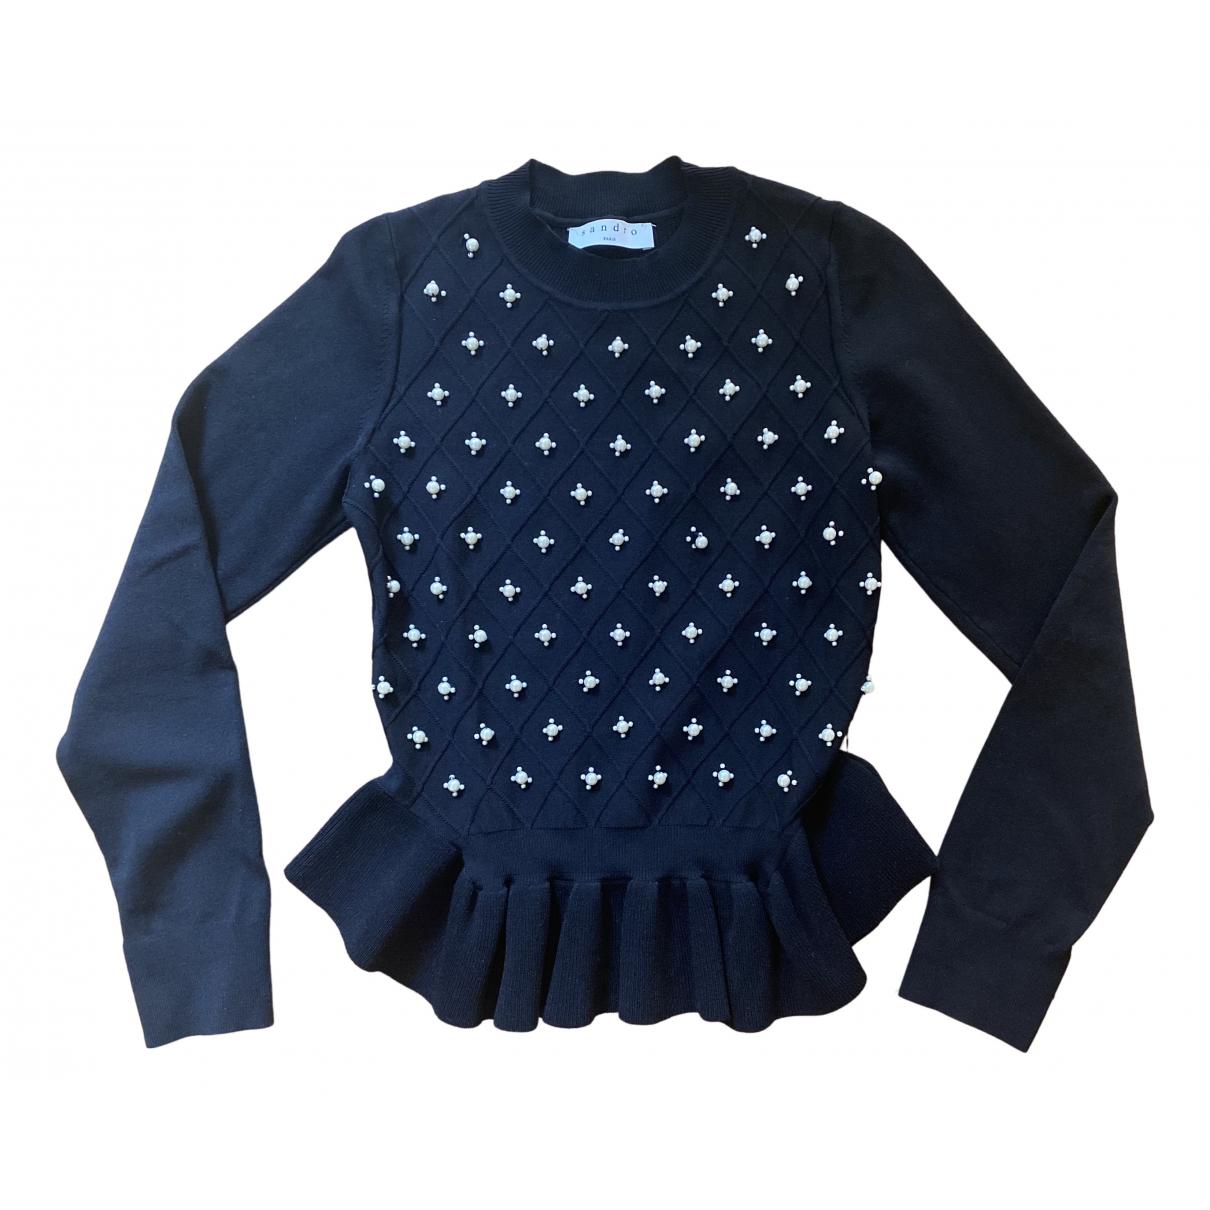 Sandro N Black Knitwear for Women 36 FR